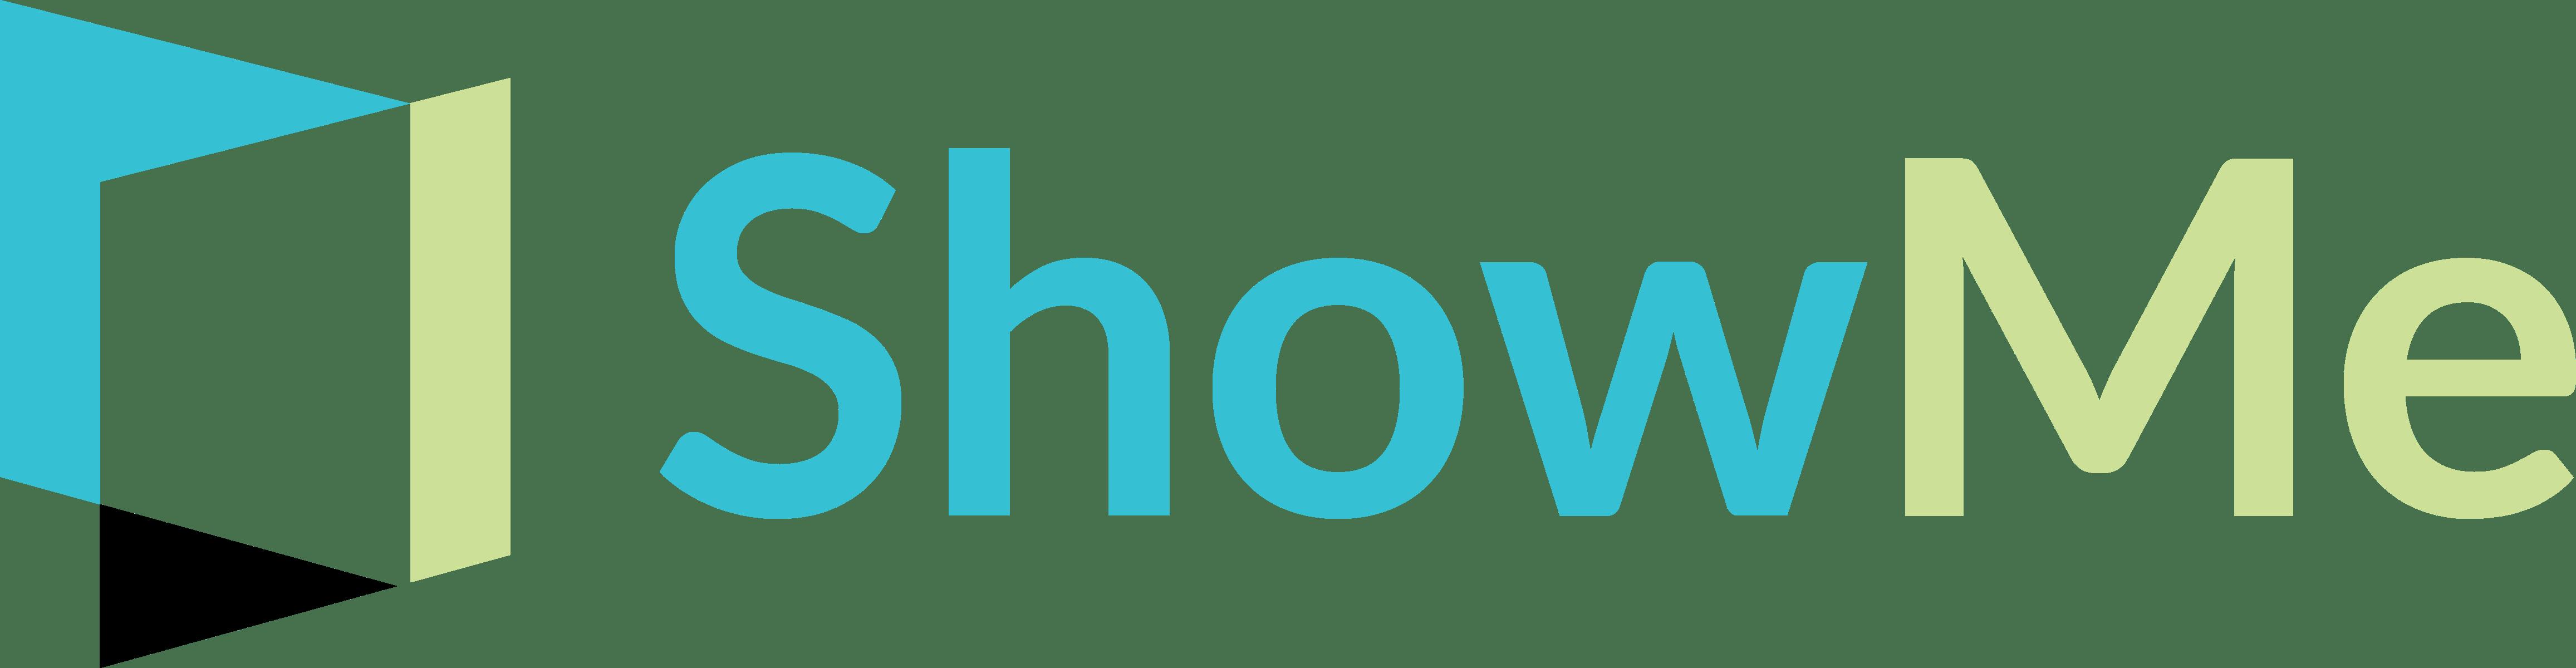 ShowMe company logo